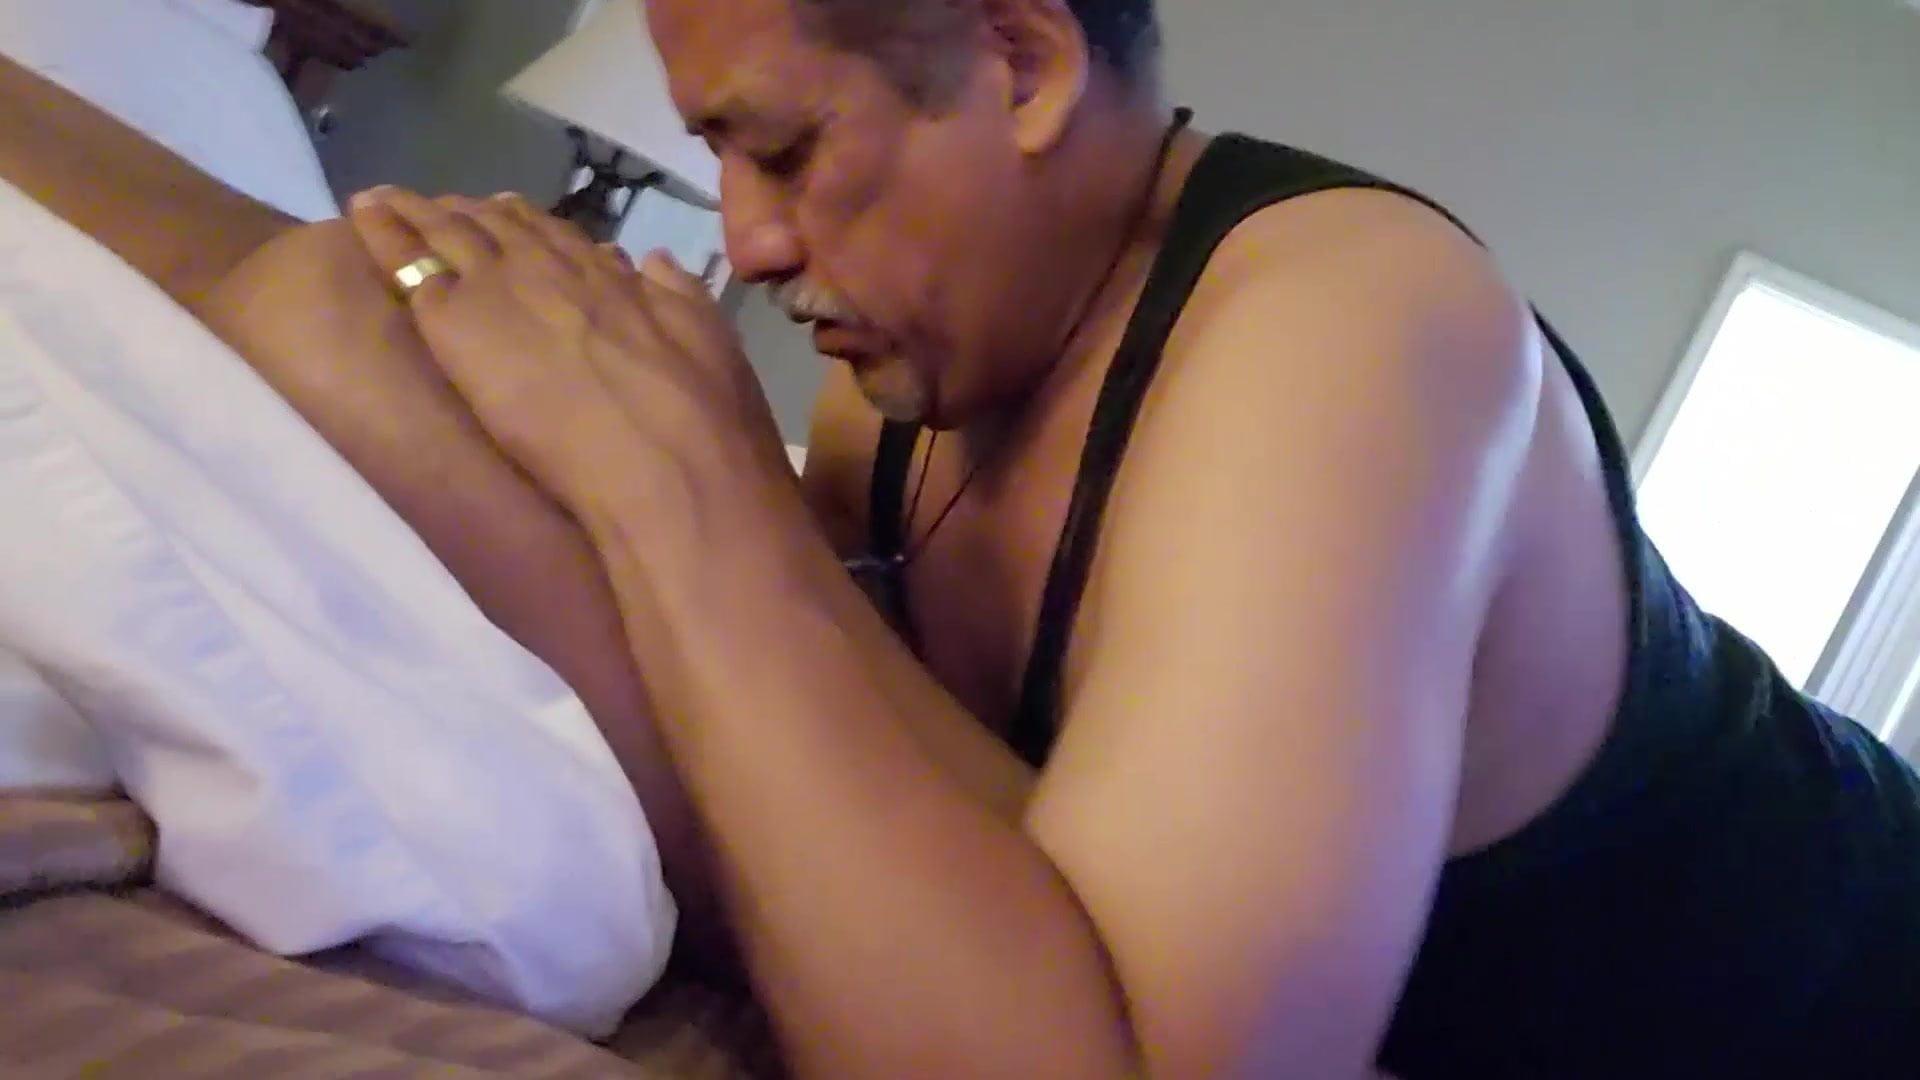 Grindr man 11 eats my ass half 4